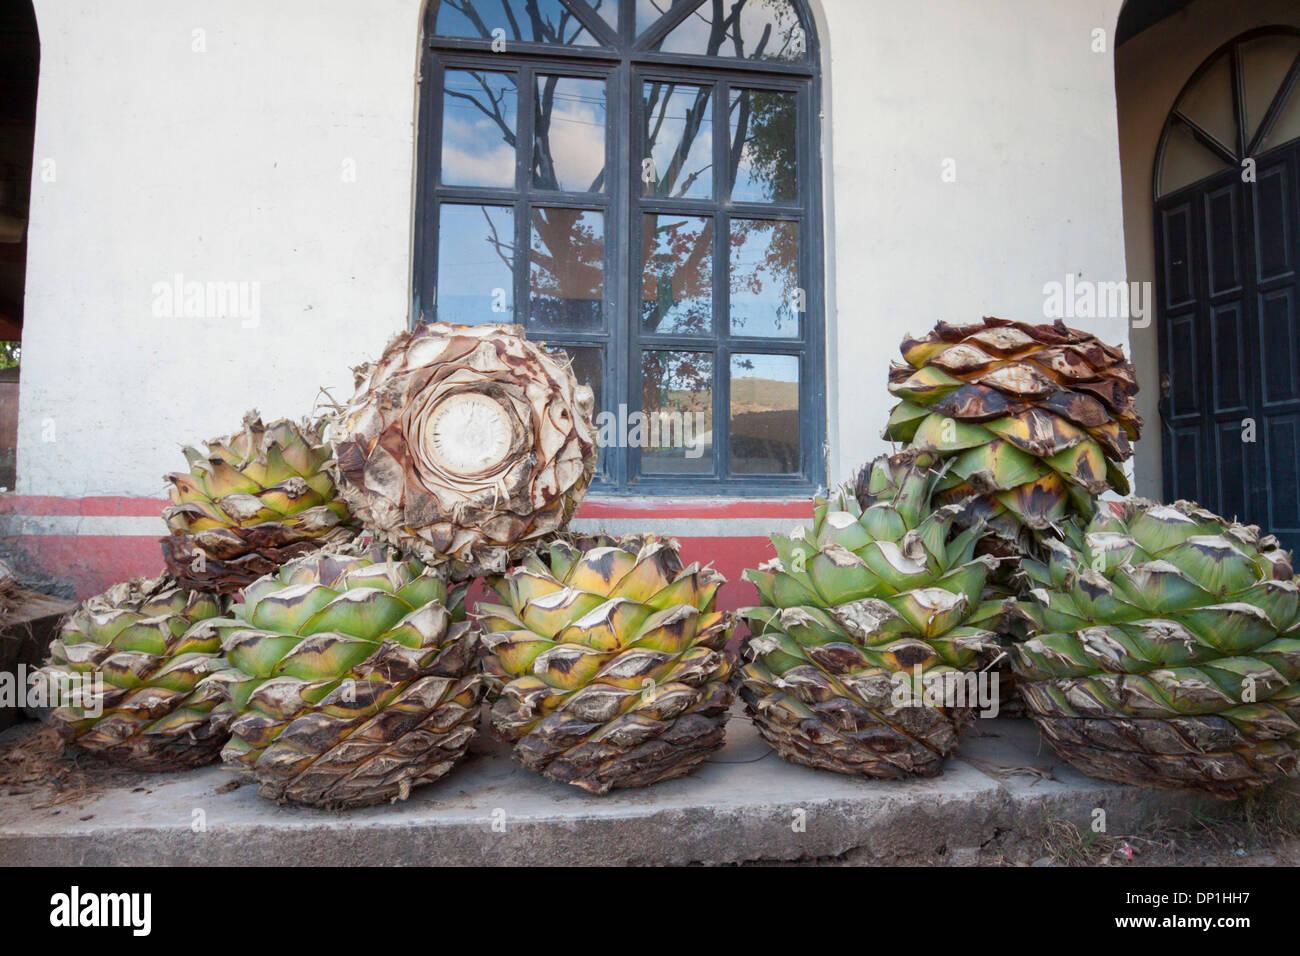 Purea di agave piante dopo bruciato. Matatlan, Oaxaca. Messico Foto Stock